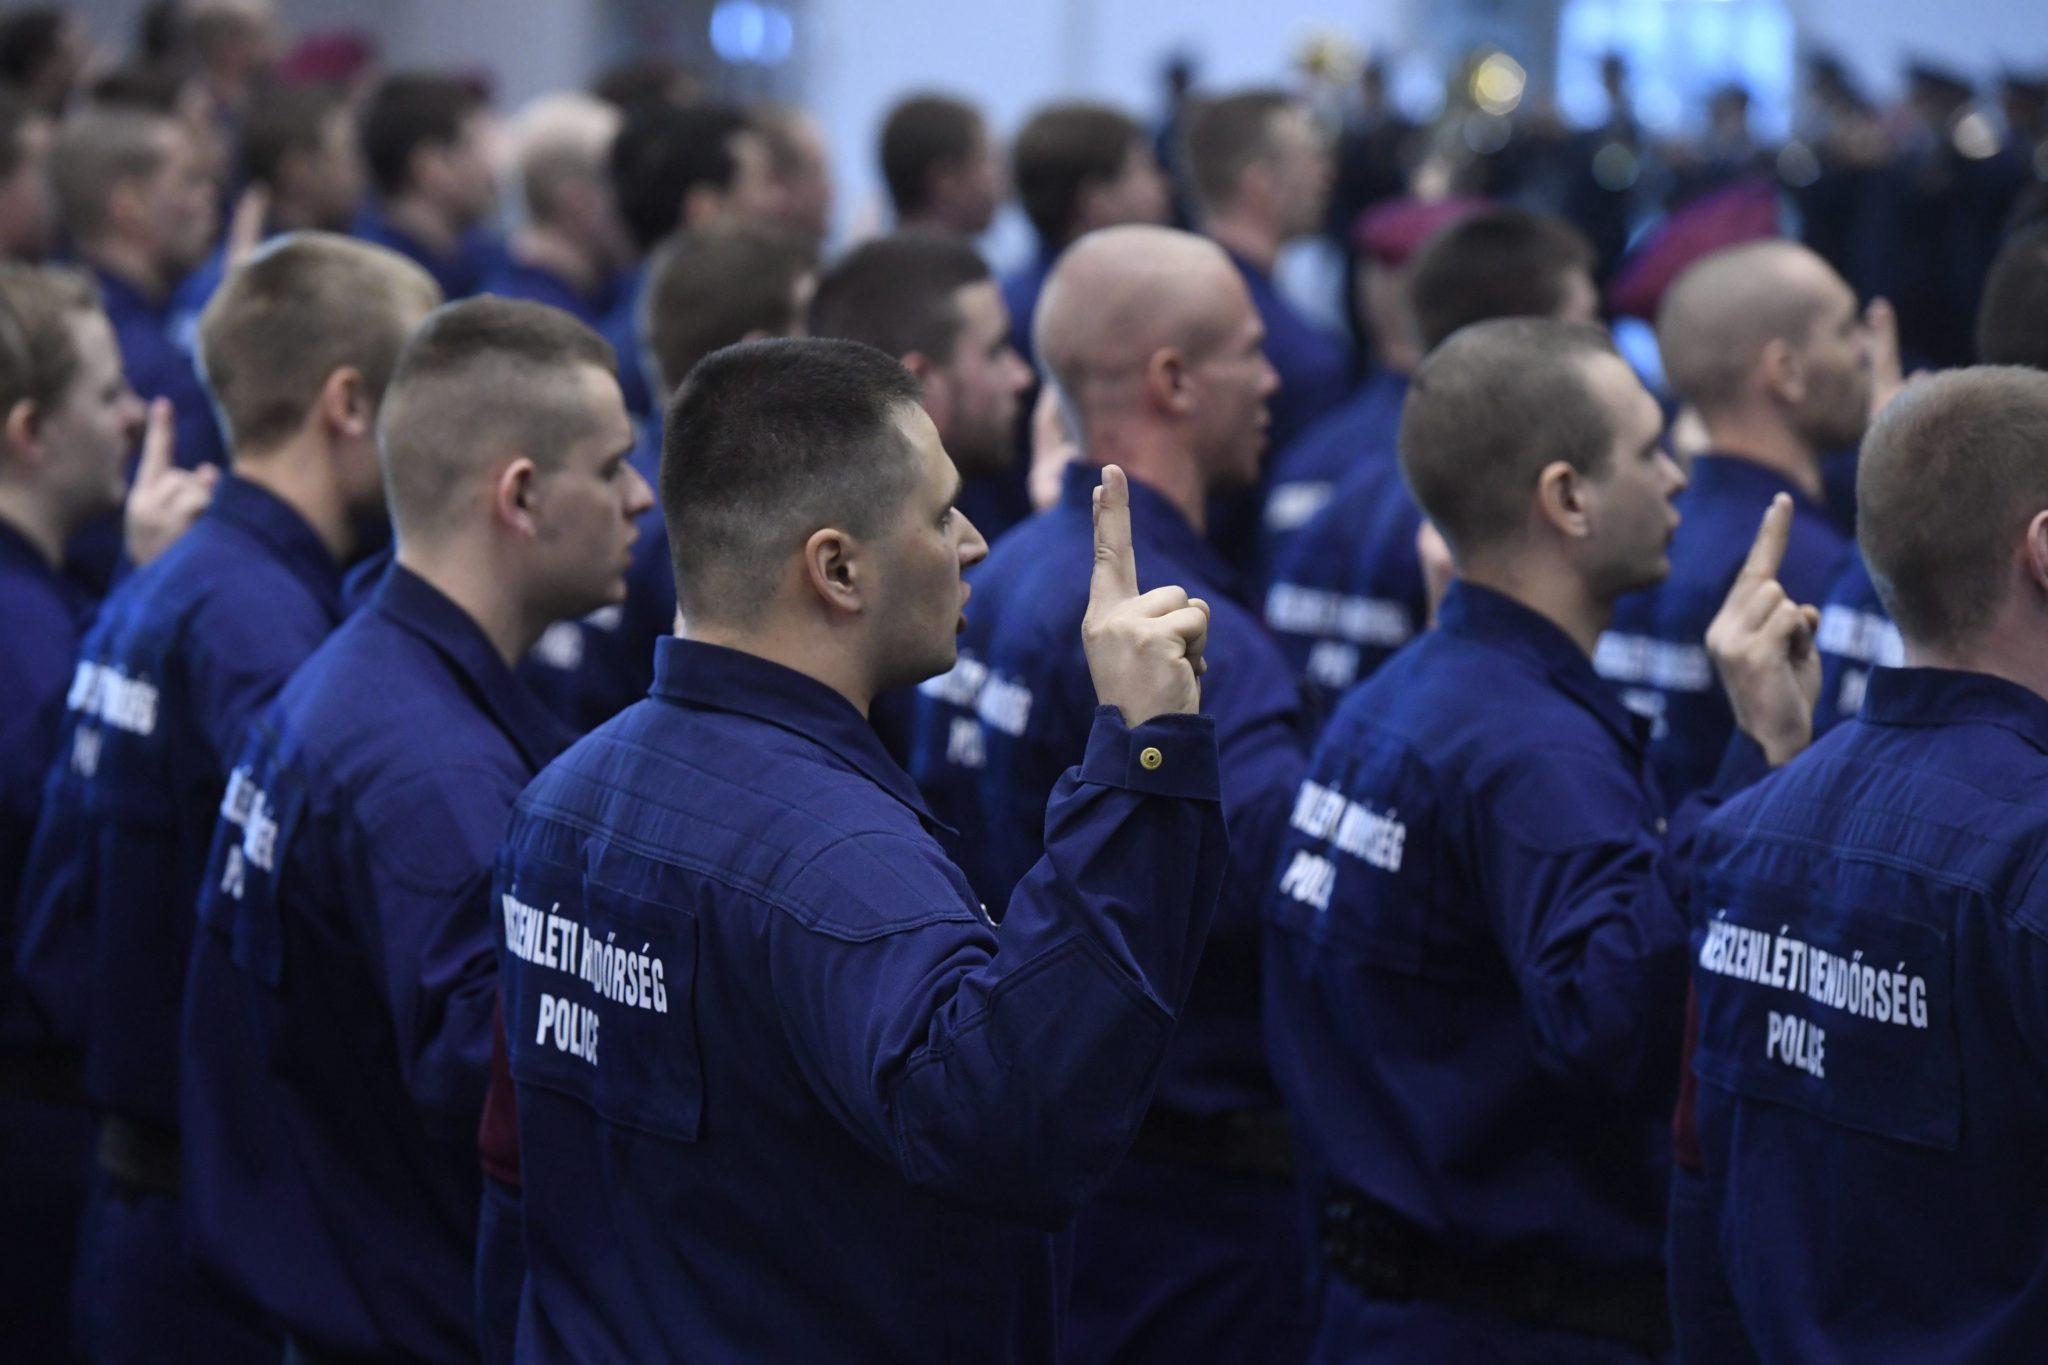 Węgry: ceremonia zaprzysiężenia nowych członków straży granicznej w Budapeszcie (foto. PAP/EPA/SZILARD KOSZTICSAK)